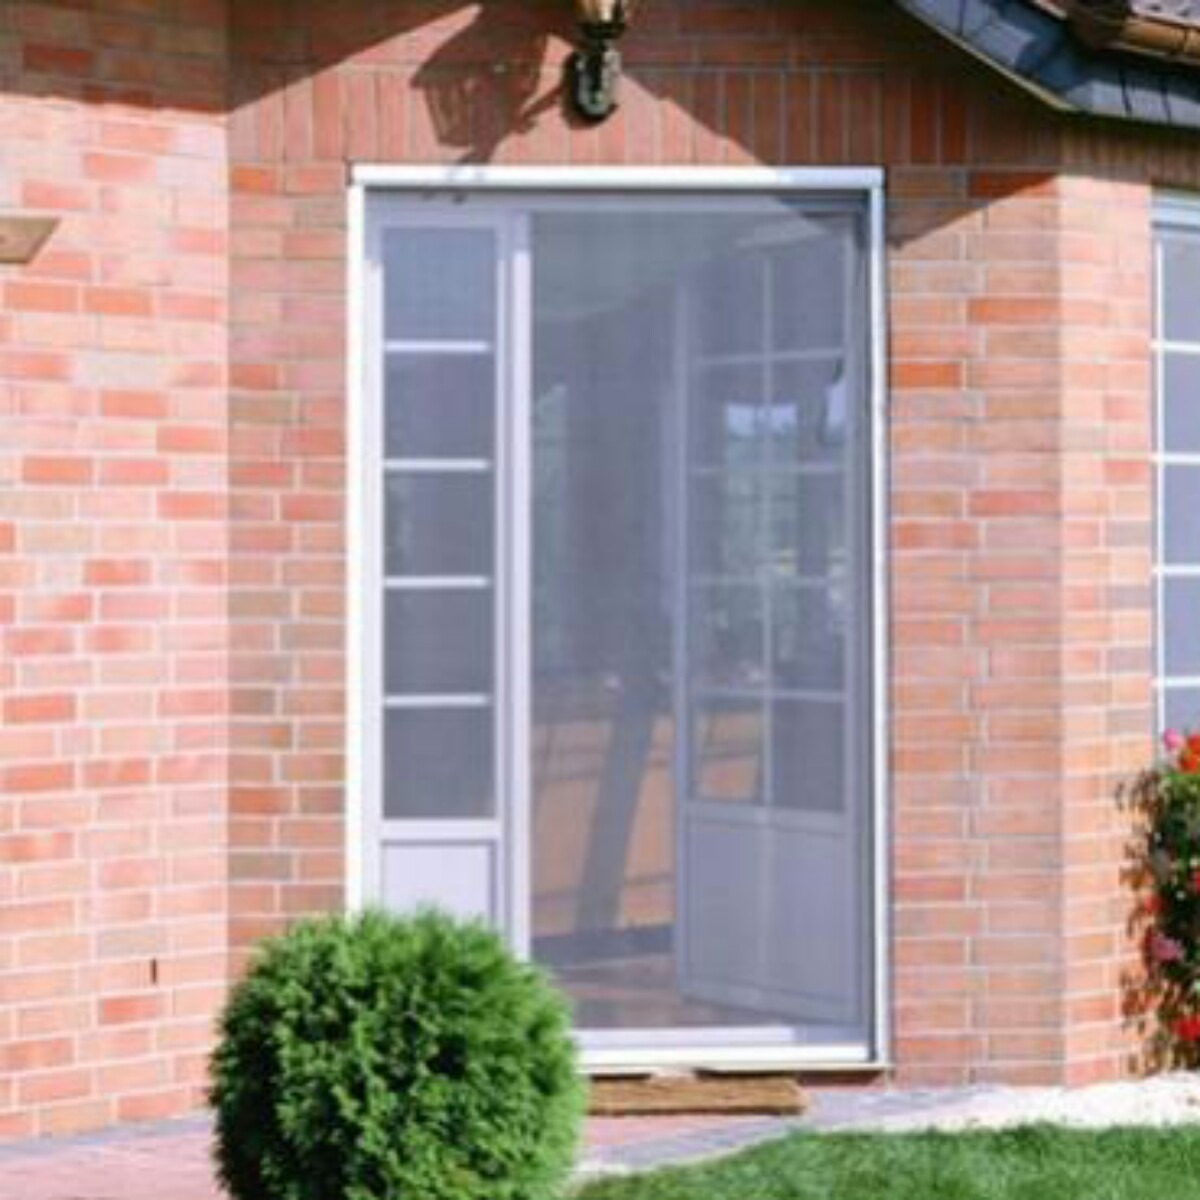 #984933  00m X 1 00m Mosquito/mosca P/janela Porta R$ 12 95 em Mercado Livre 1688 Janela De Aluminio Mercado Livre